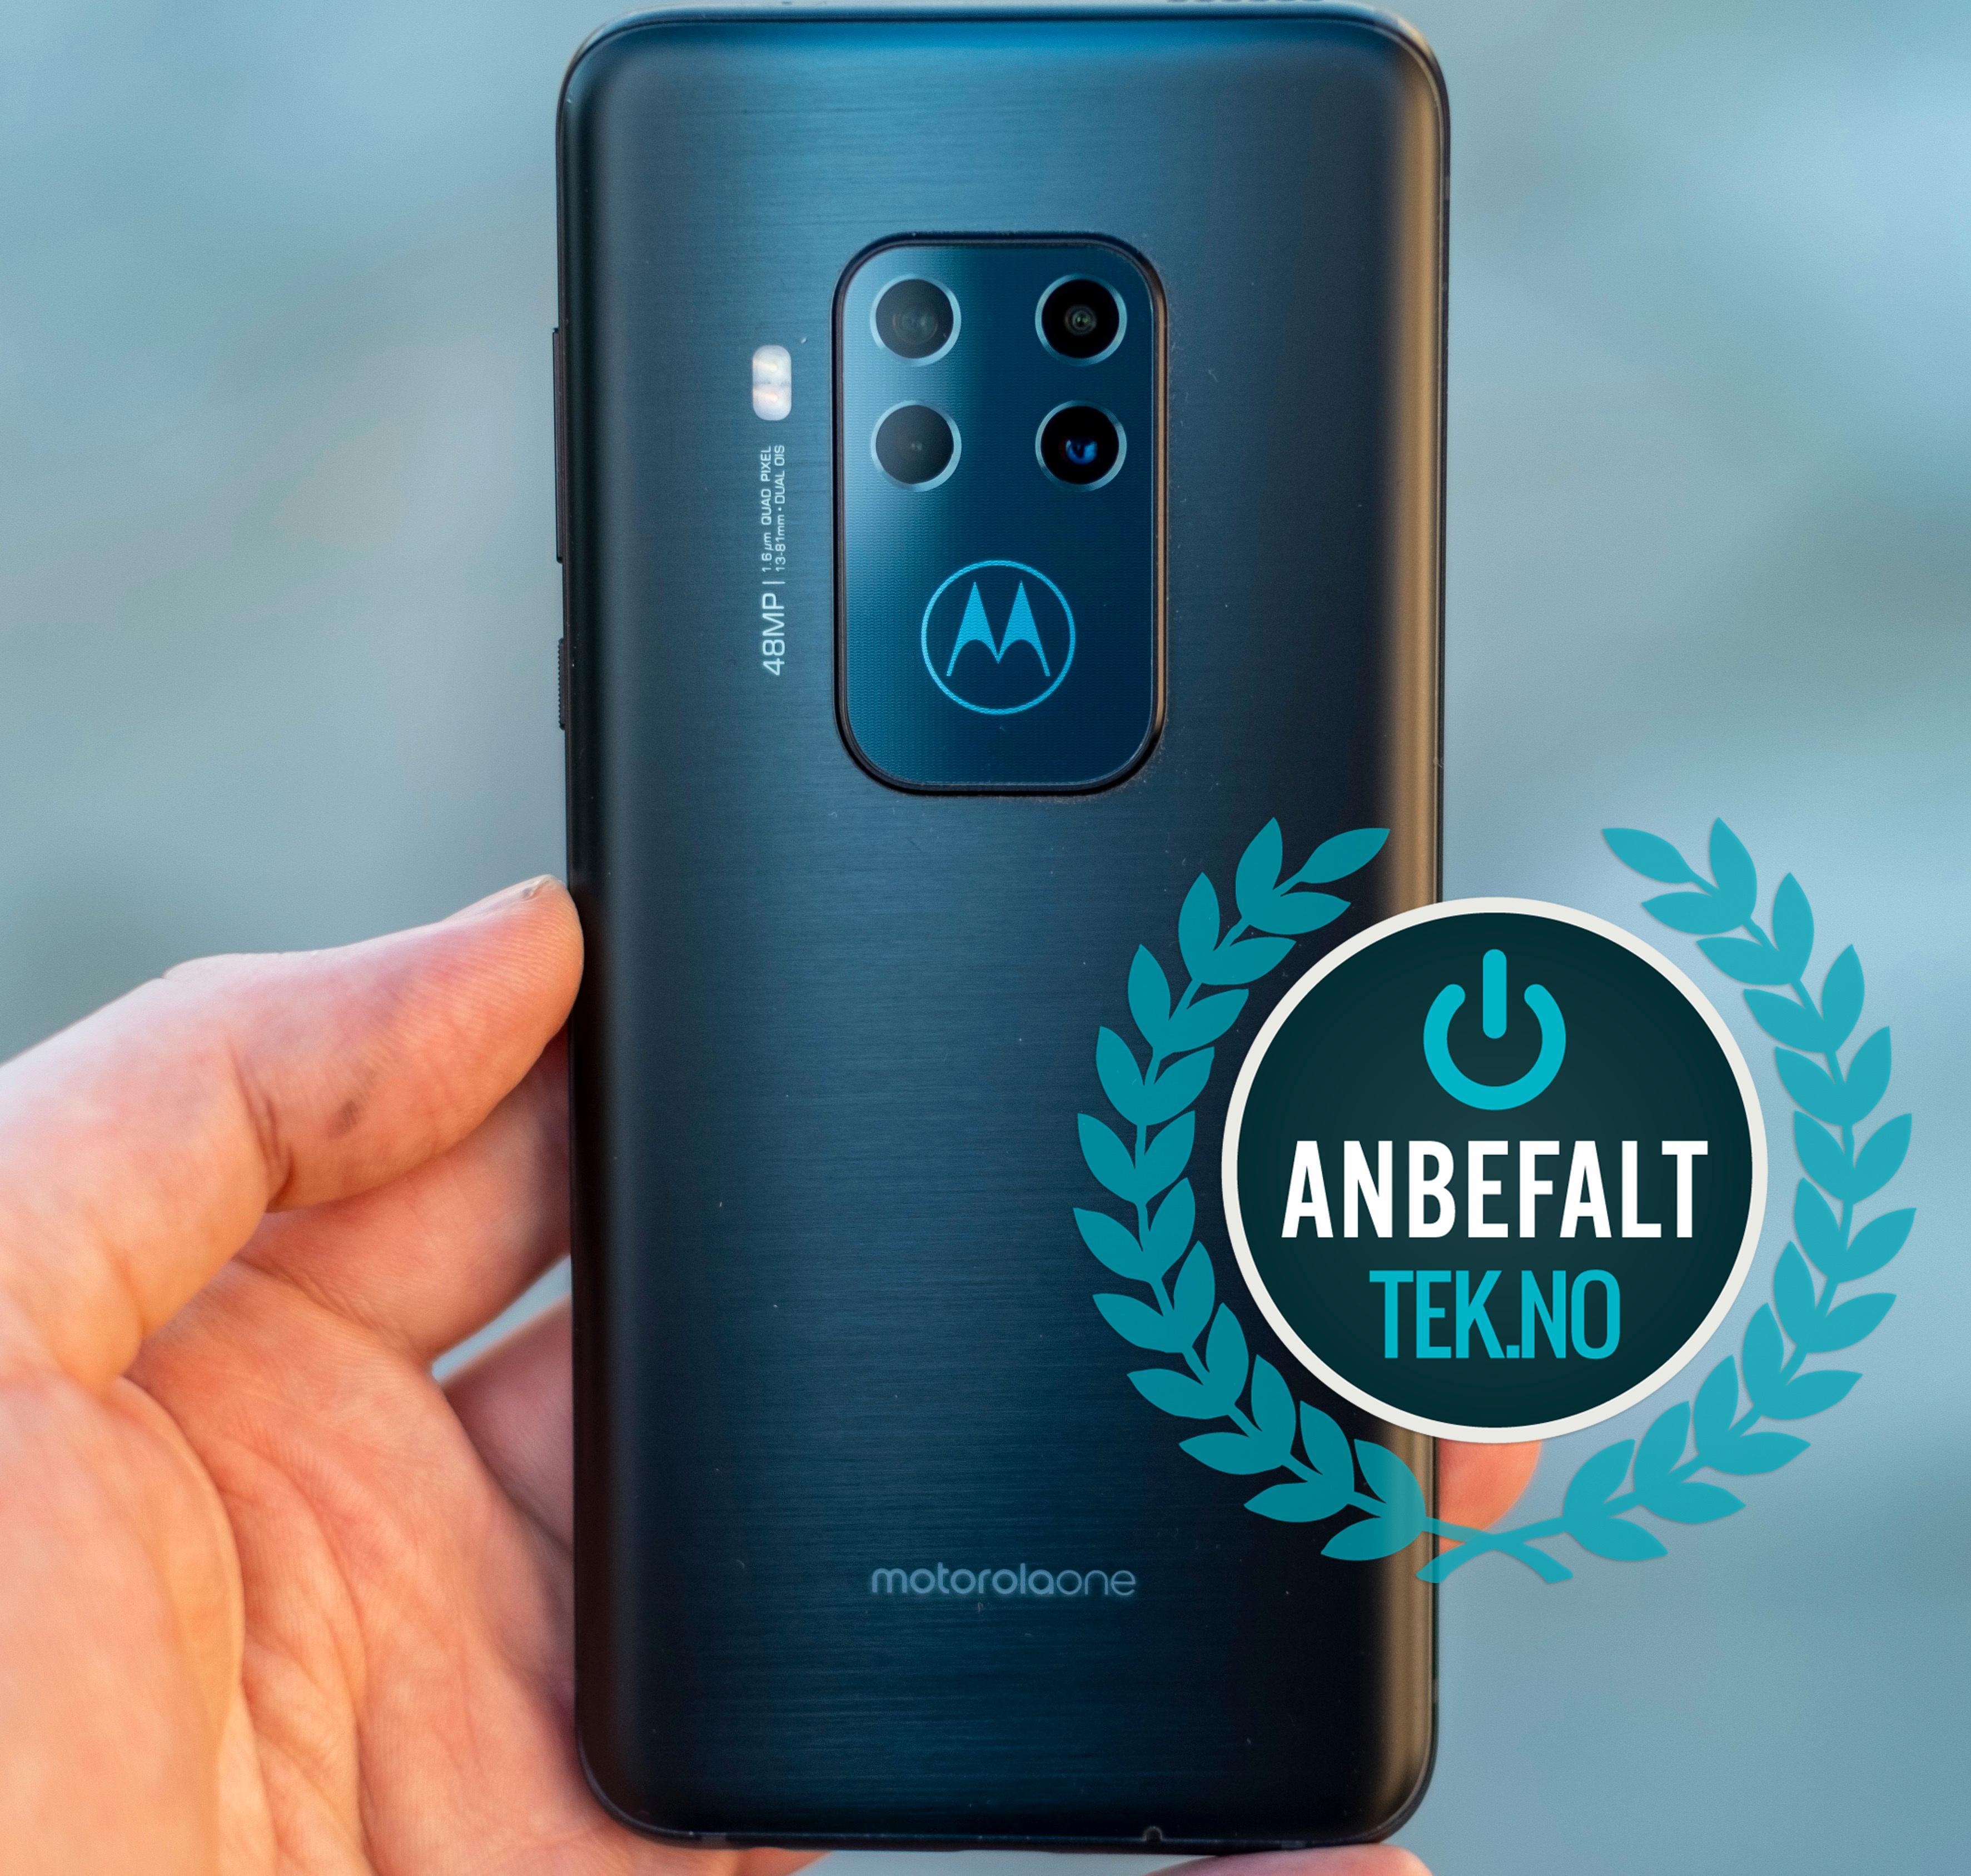 Motorola har blitt ekstremt flinke til å lage gode mellomklassemobiler. Når de samler alle sine funksjoner og spytter i litt ekstra med One Zoom blir resultatet nesten automatisk veldig bra. Bare bitte litt finpuss står igjen.